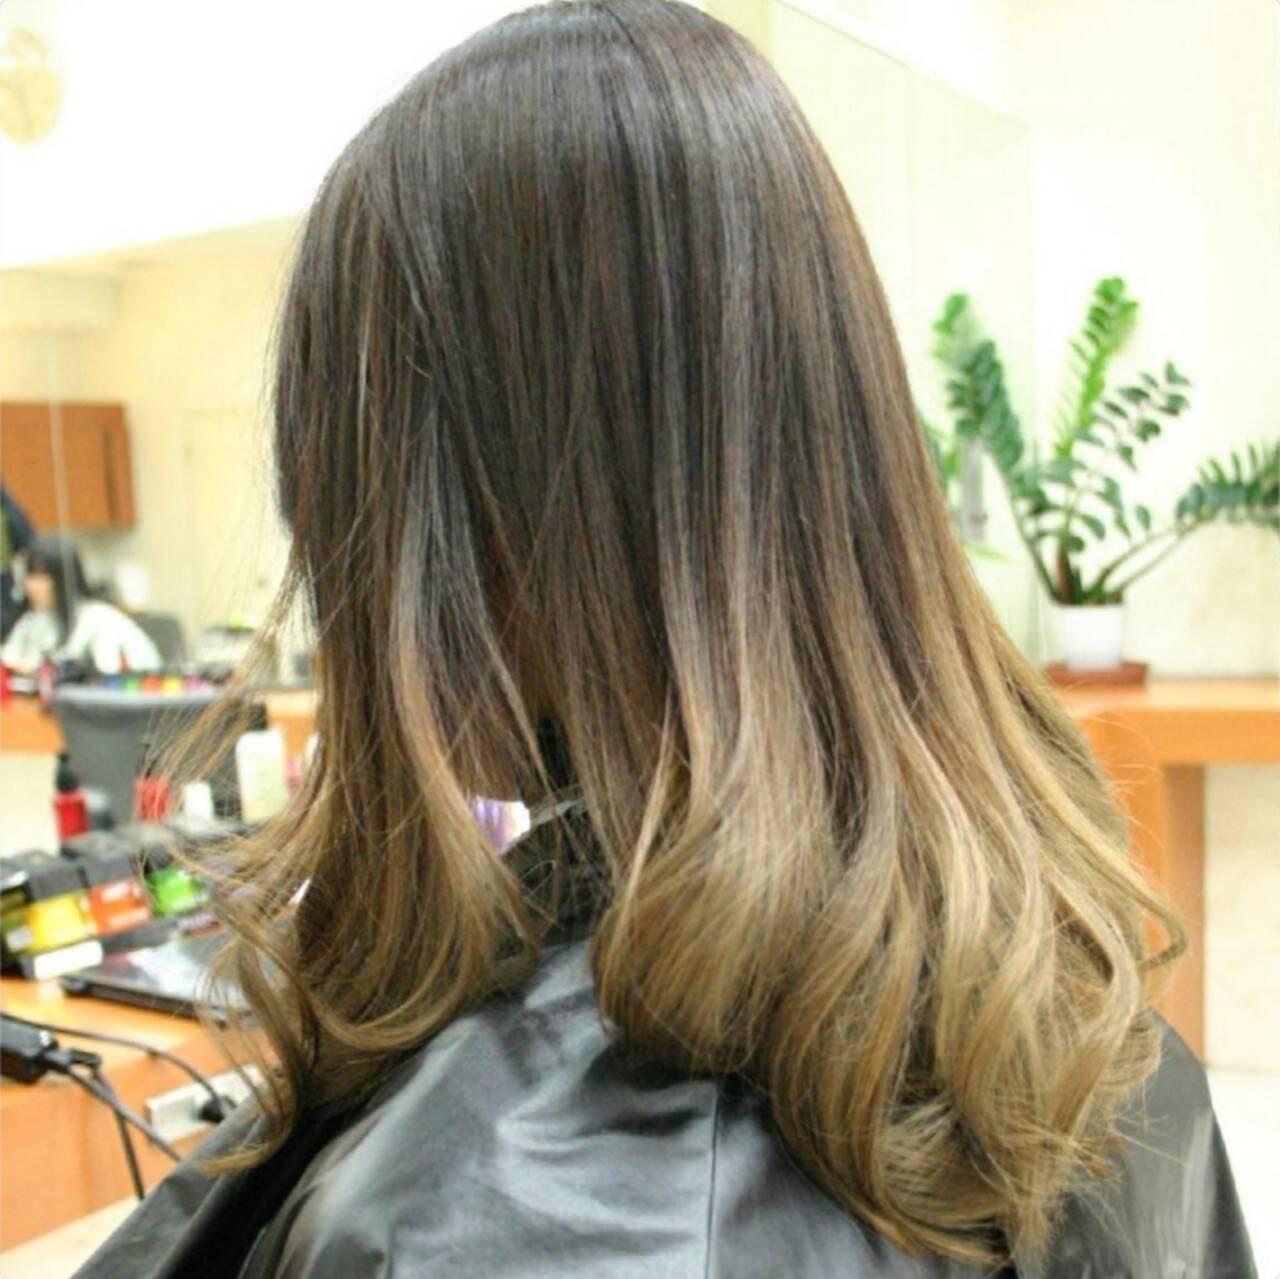 ナチュラル グラデーション ヌーディベージュ セミロングヘアスタイルや髪型の写真・画像